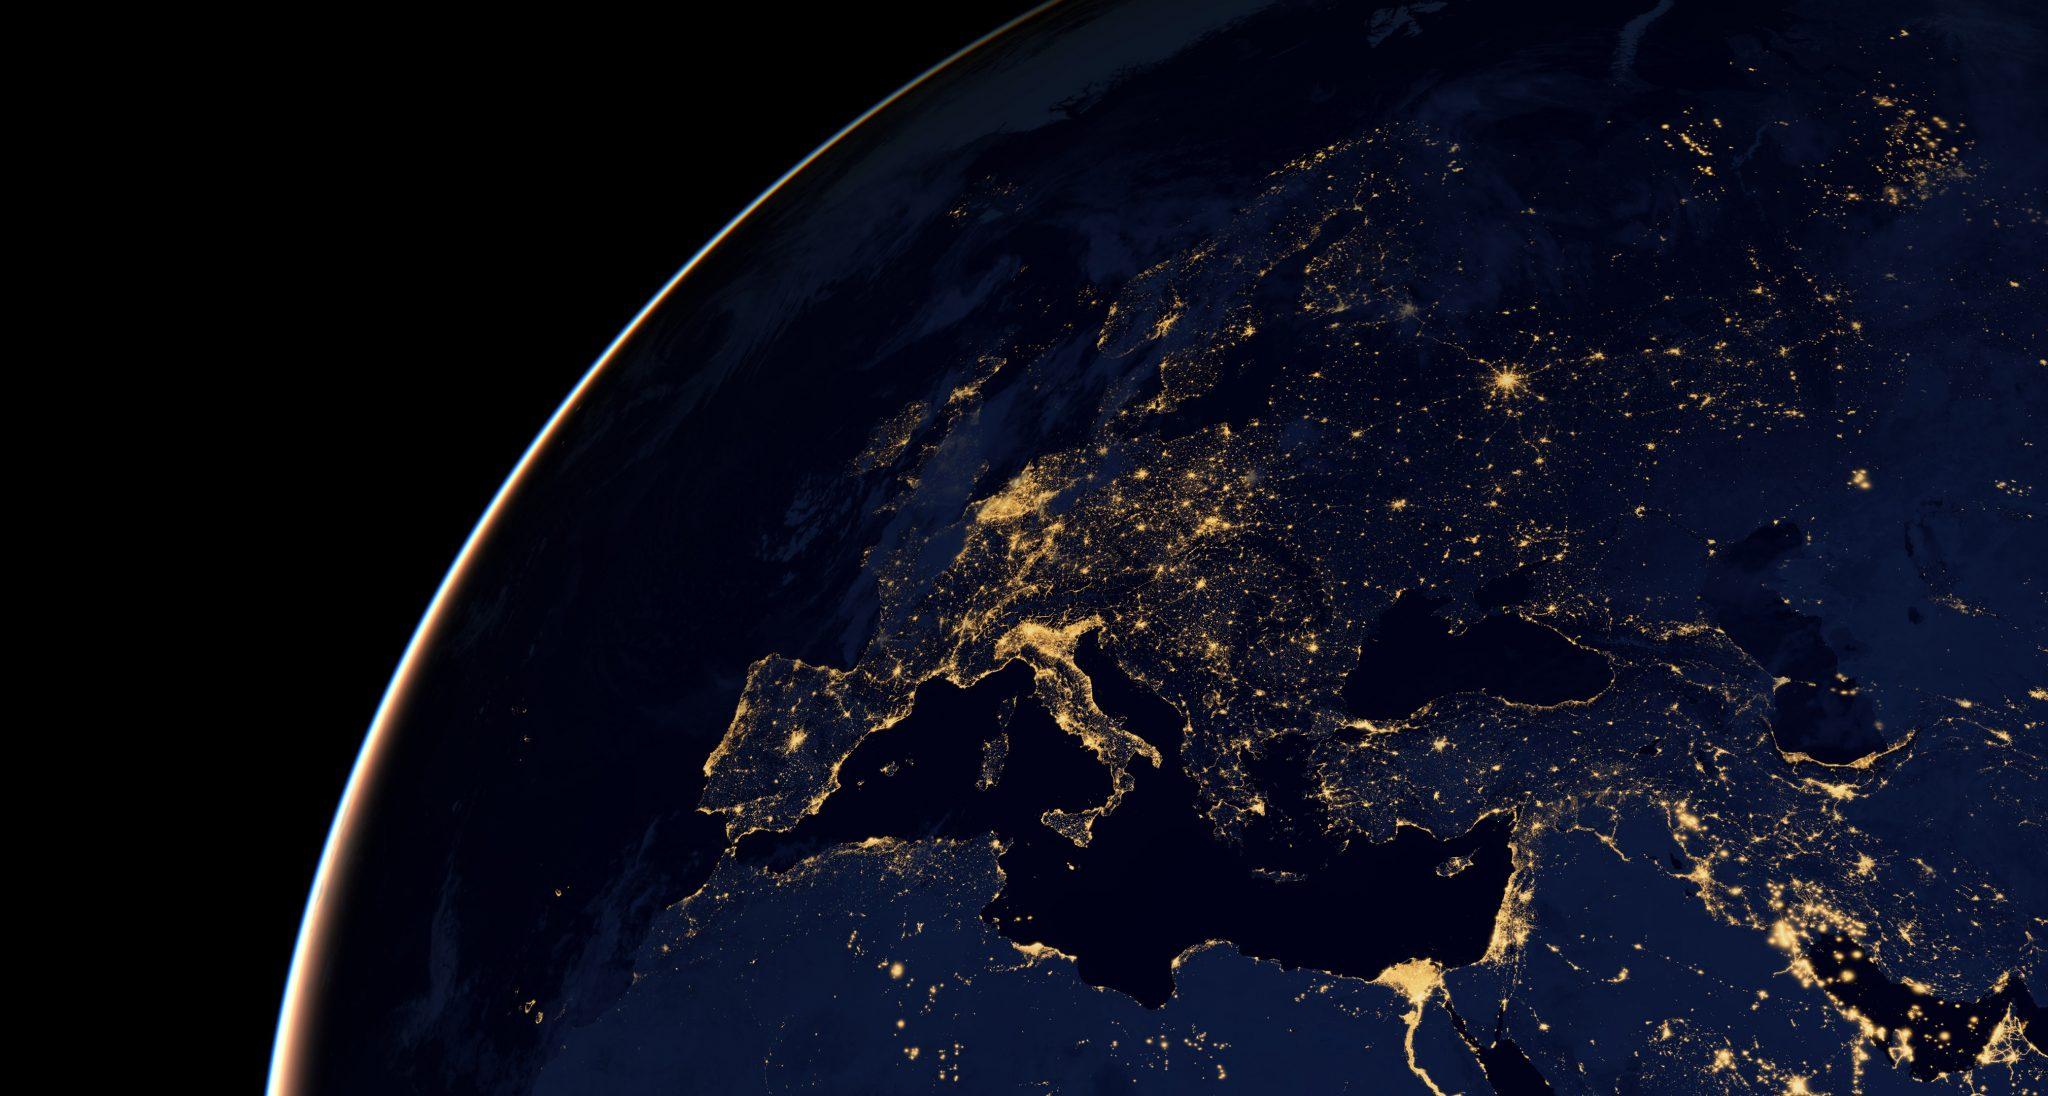 Énergies renouvelables : le Portugal montre la voie à l'aube d'une pénurie pétrolière